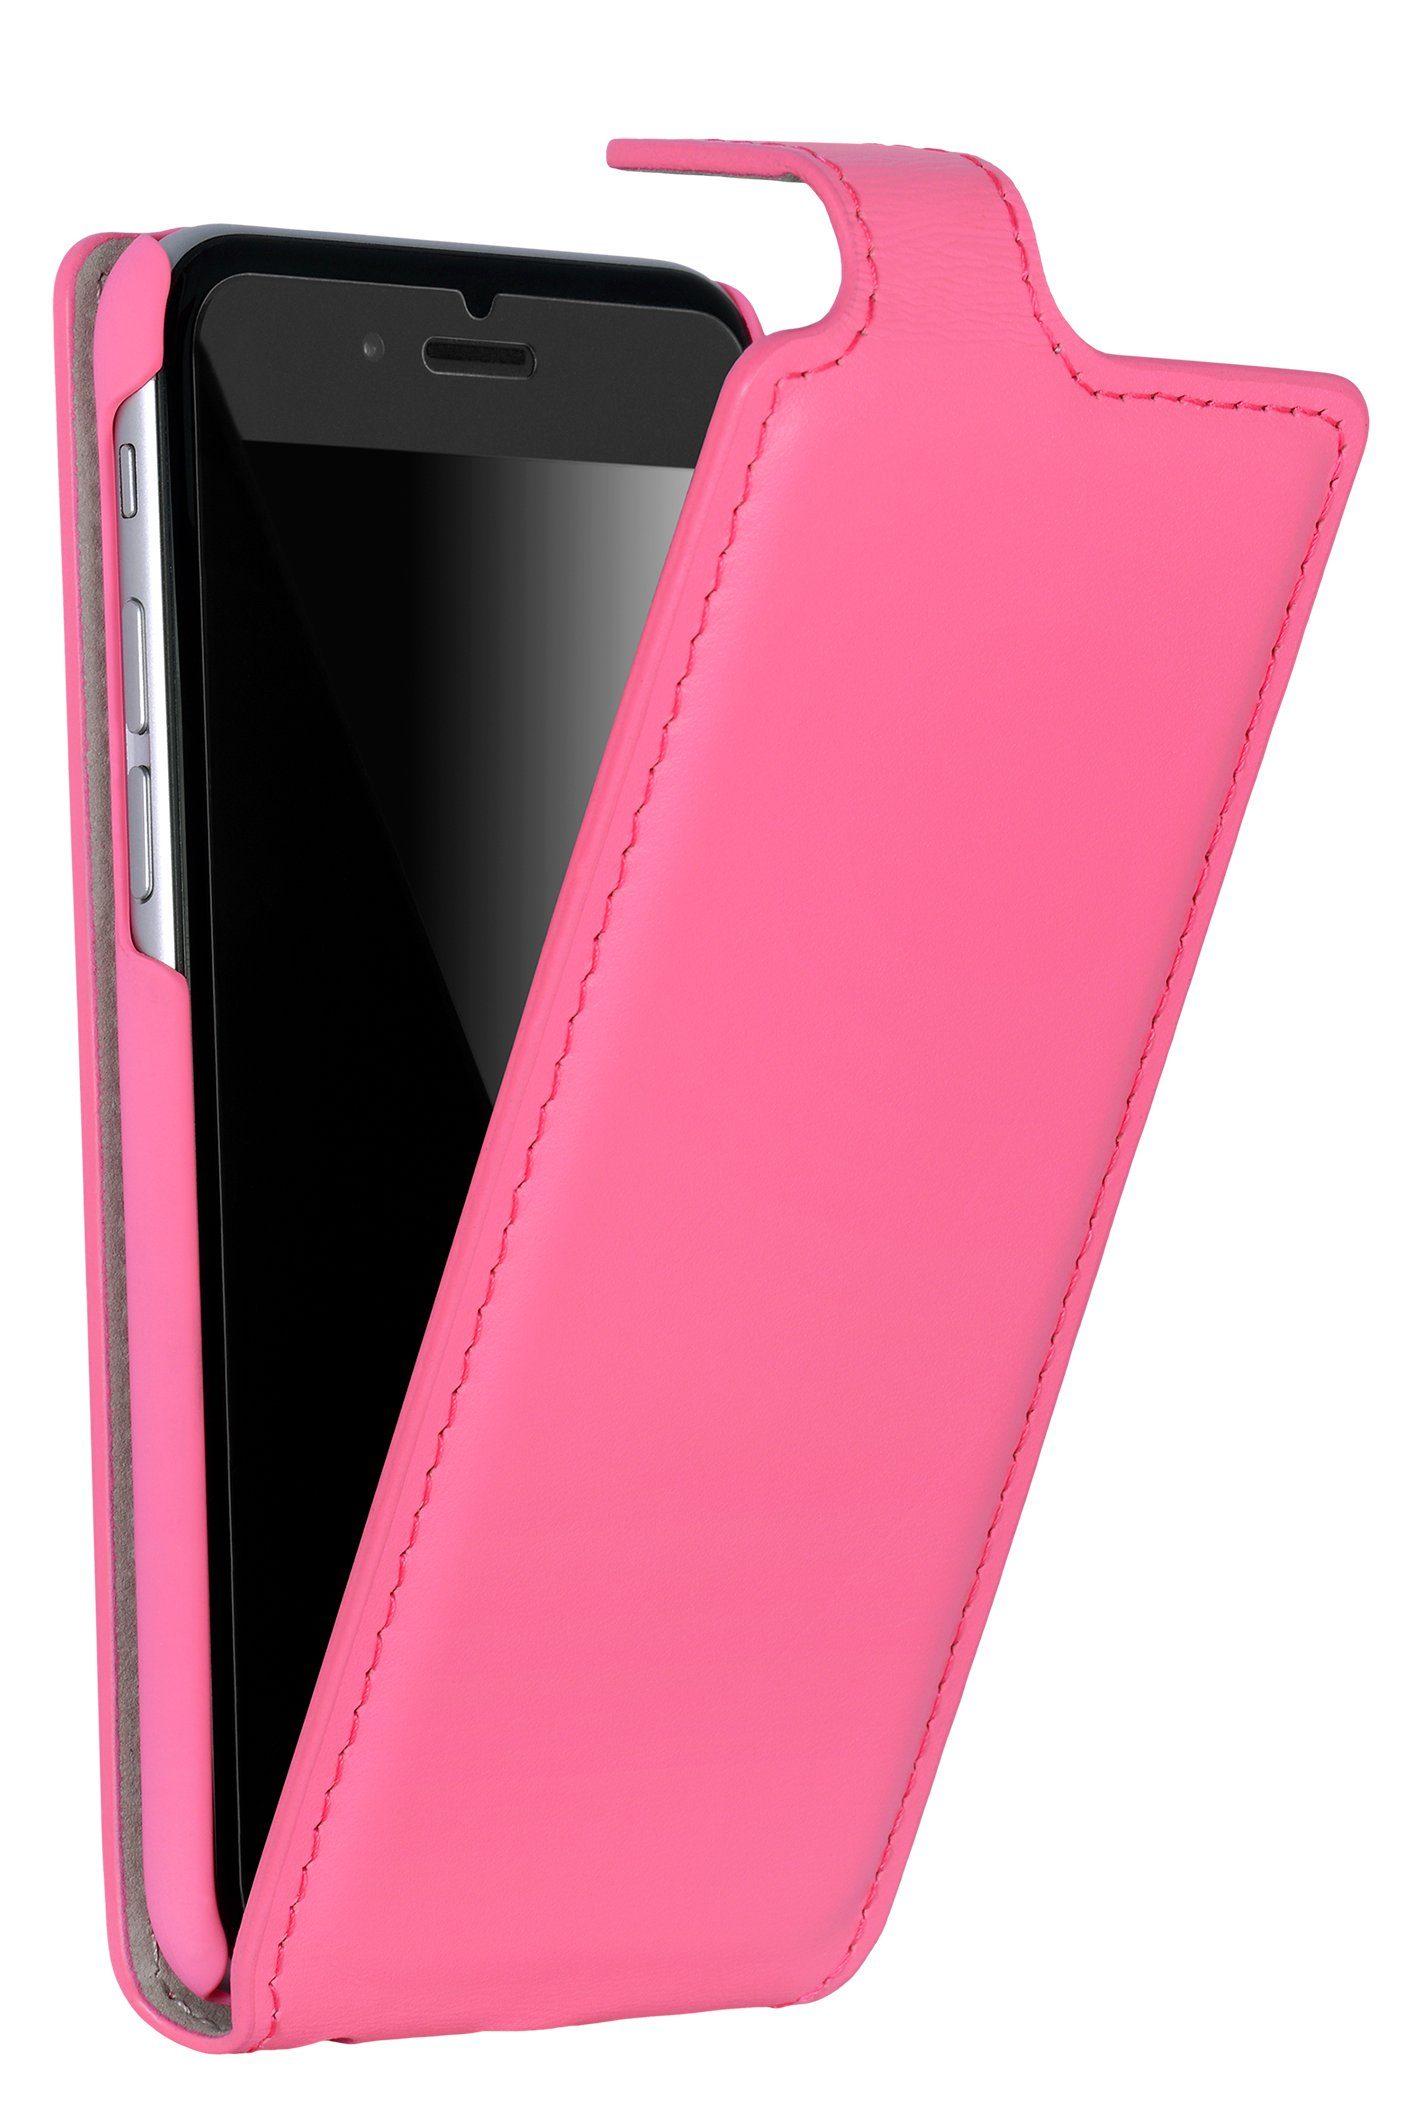 Scutes Deluxe GSM - Zubehör »Schutztasche - iPhone 6/S«